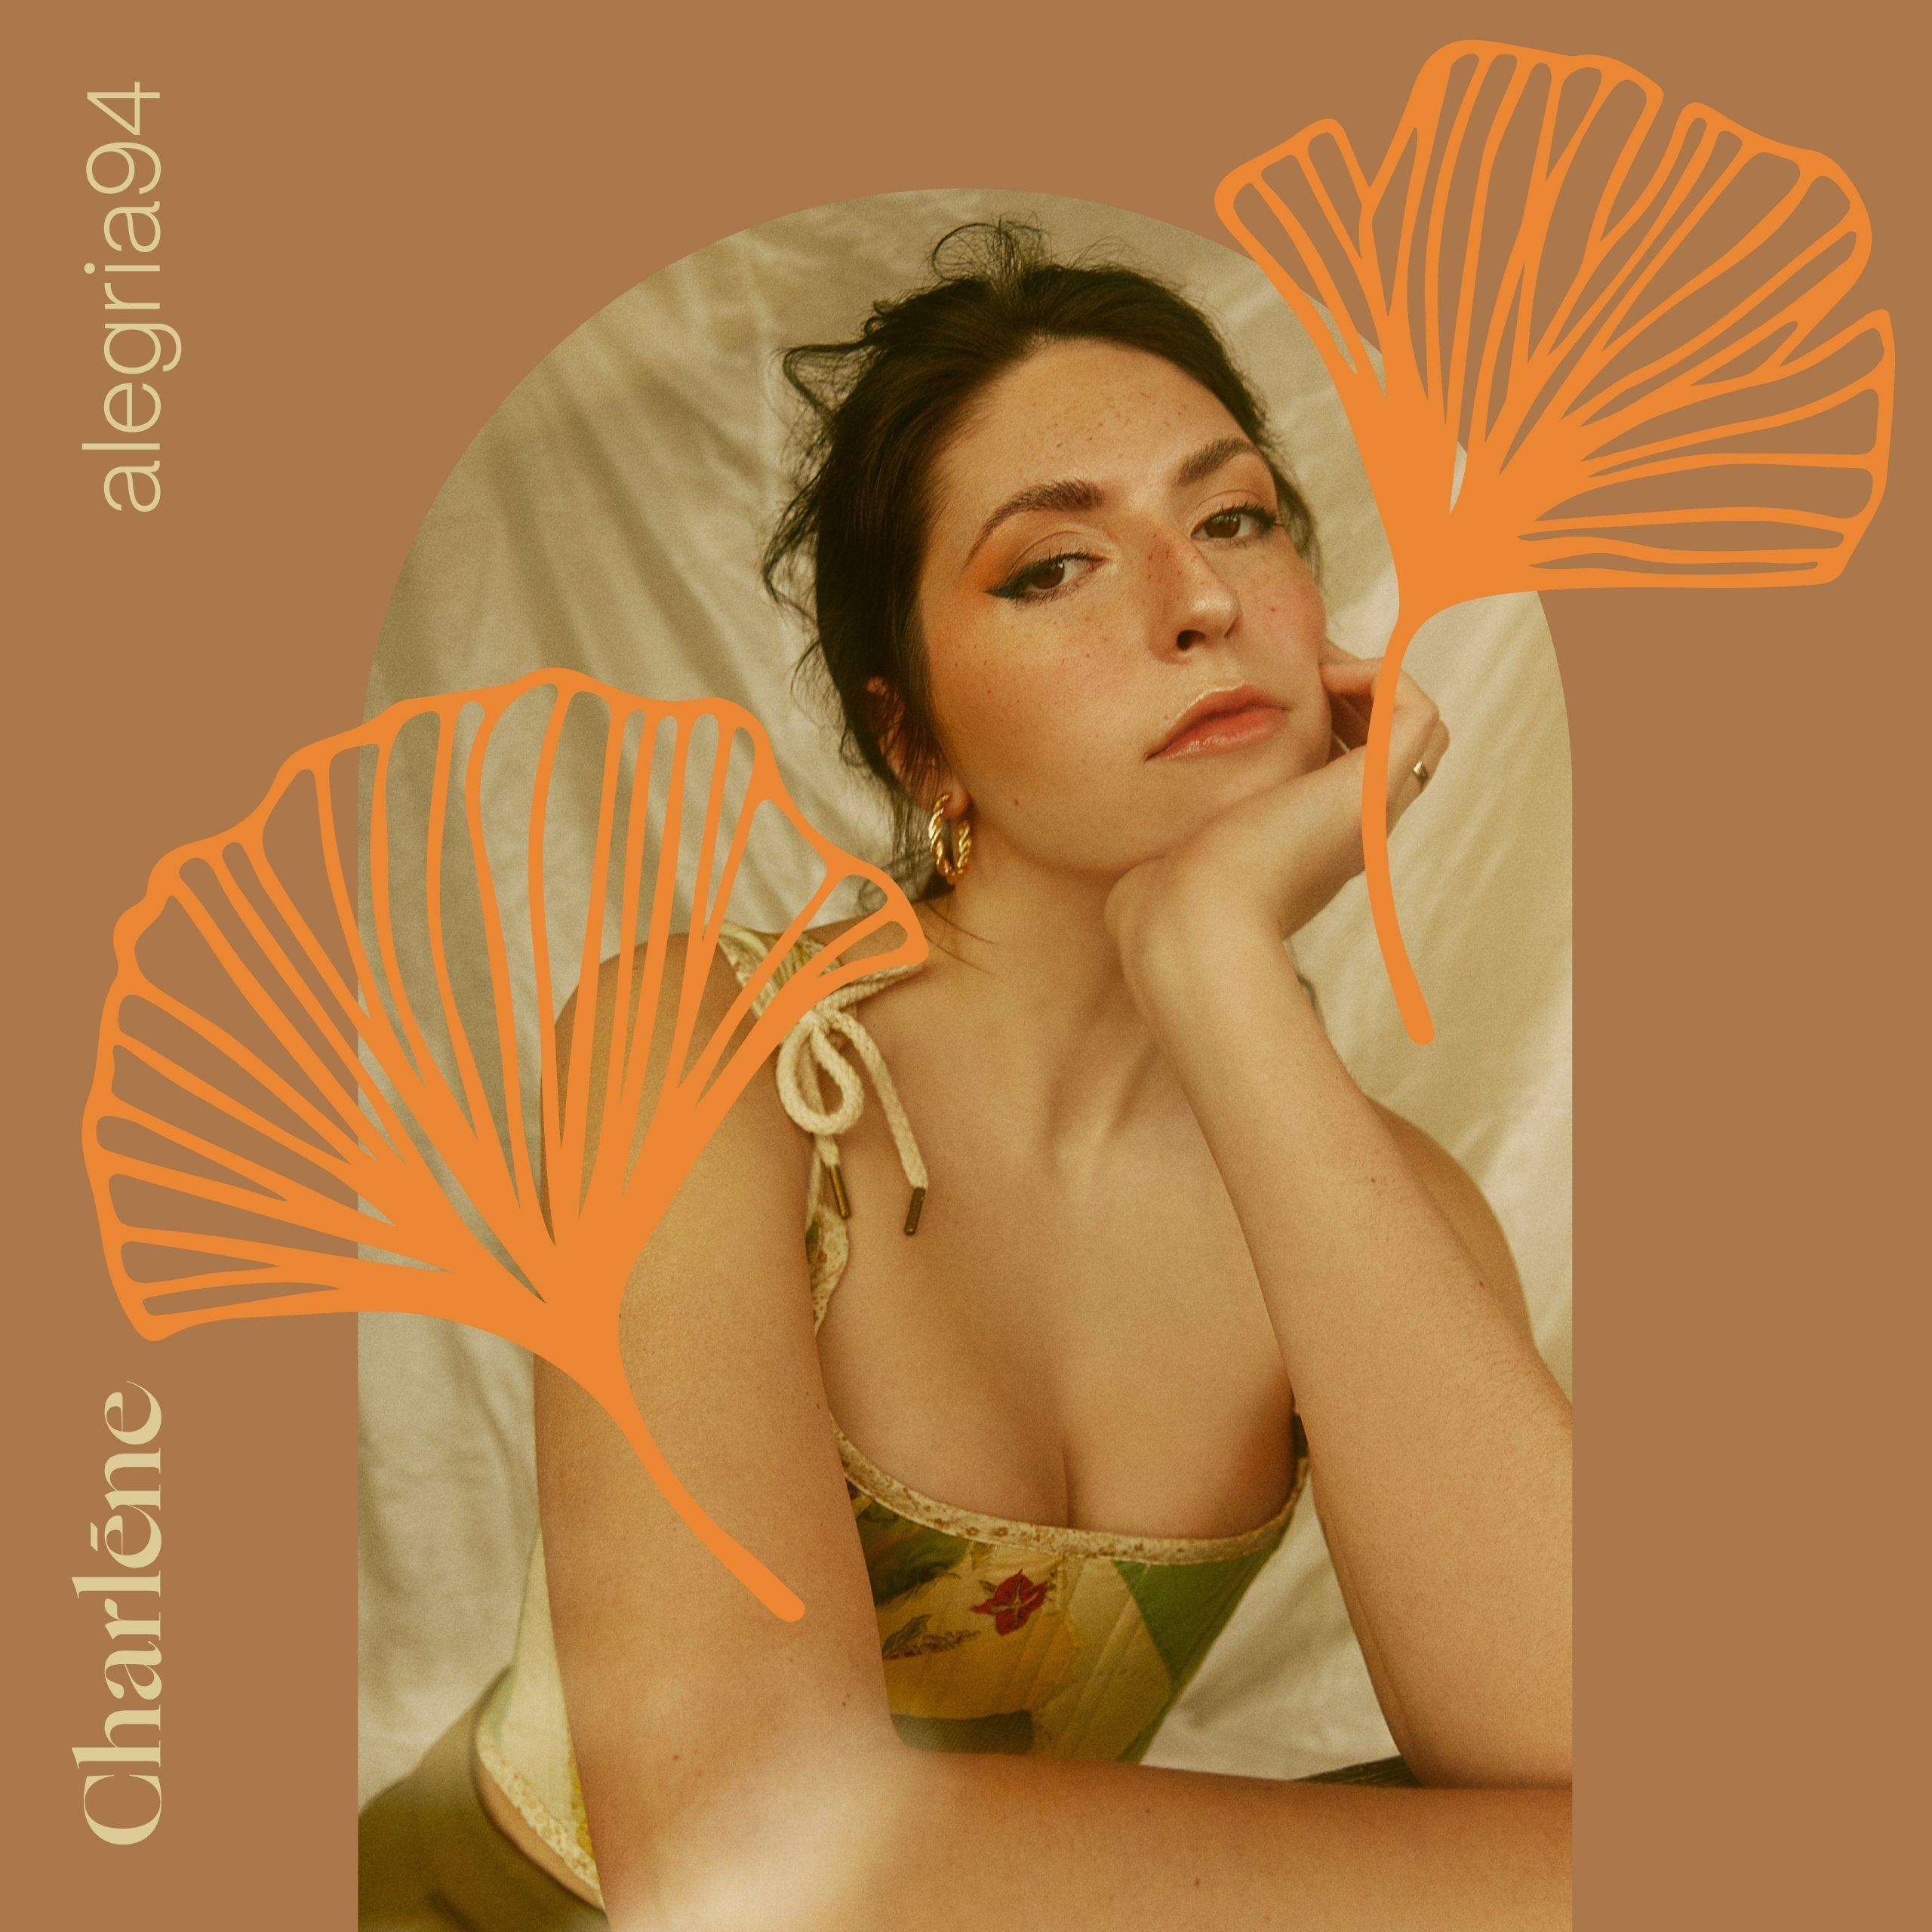 Pochette album de Charlene